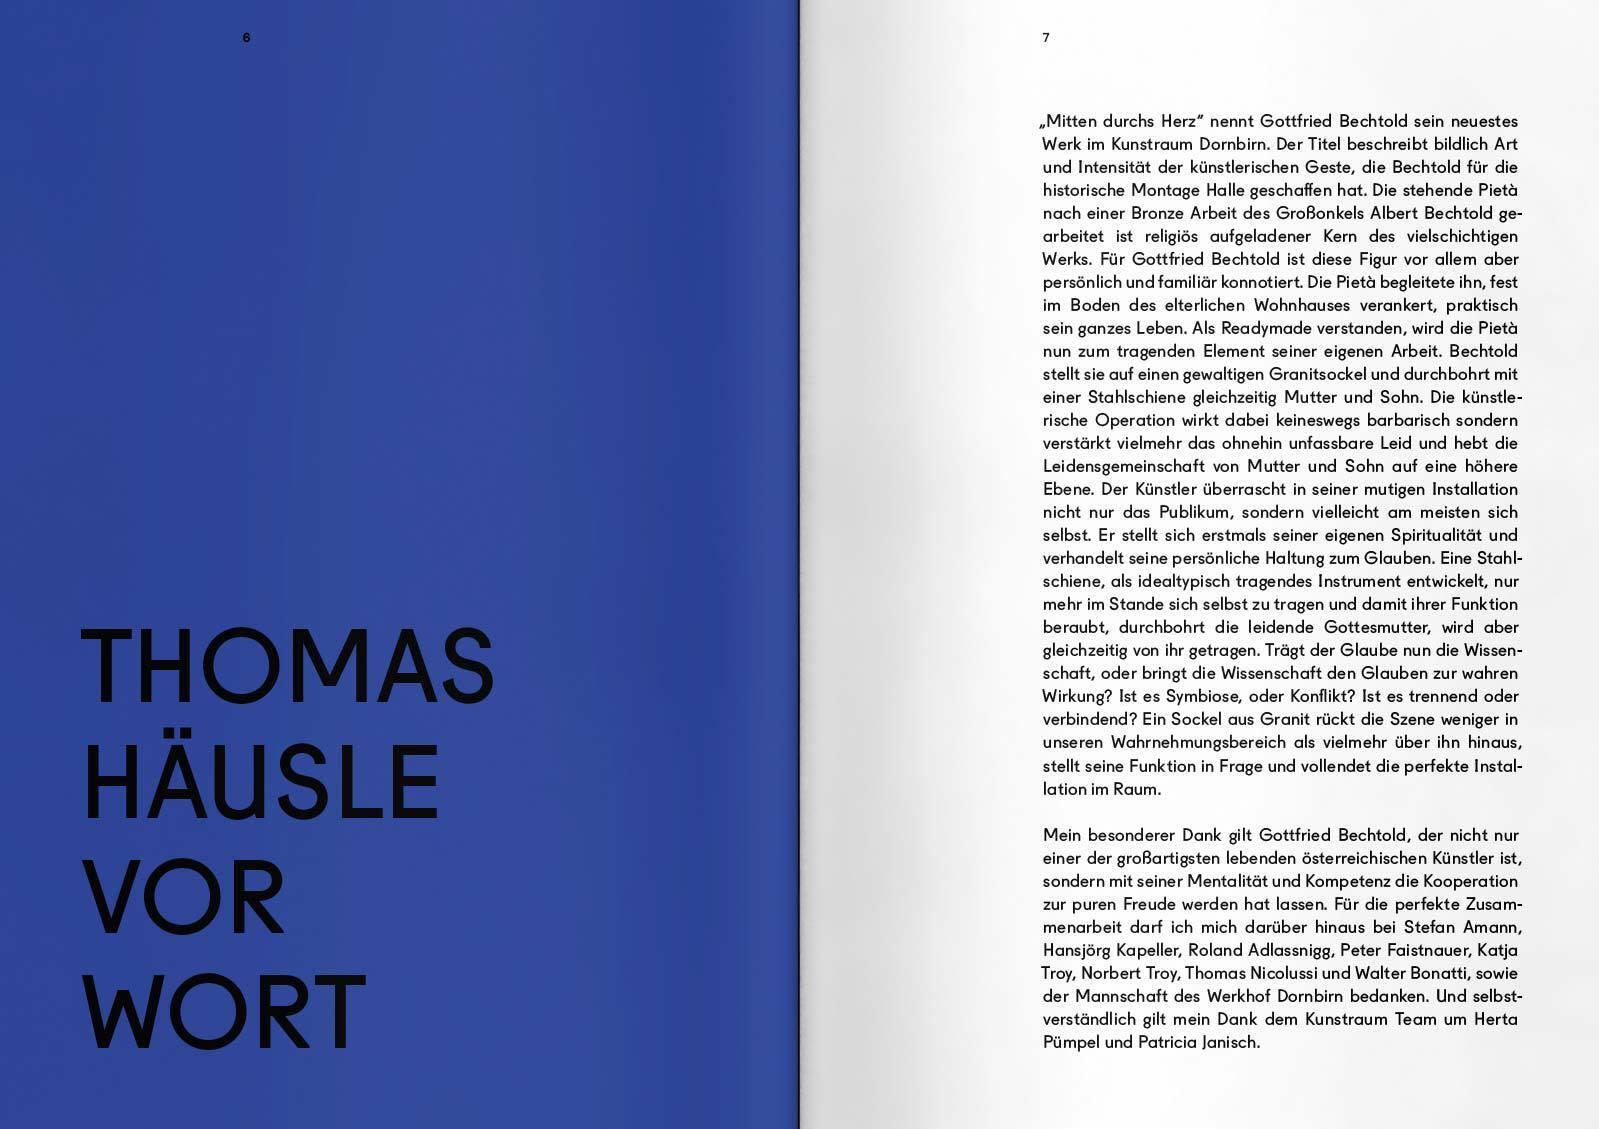 Gottfried Bechtold spread01